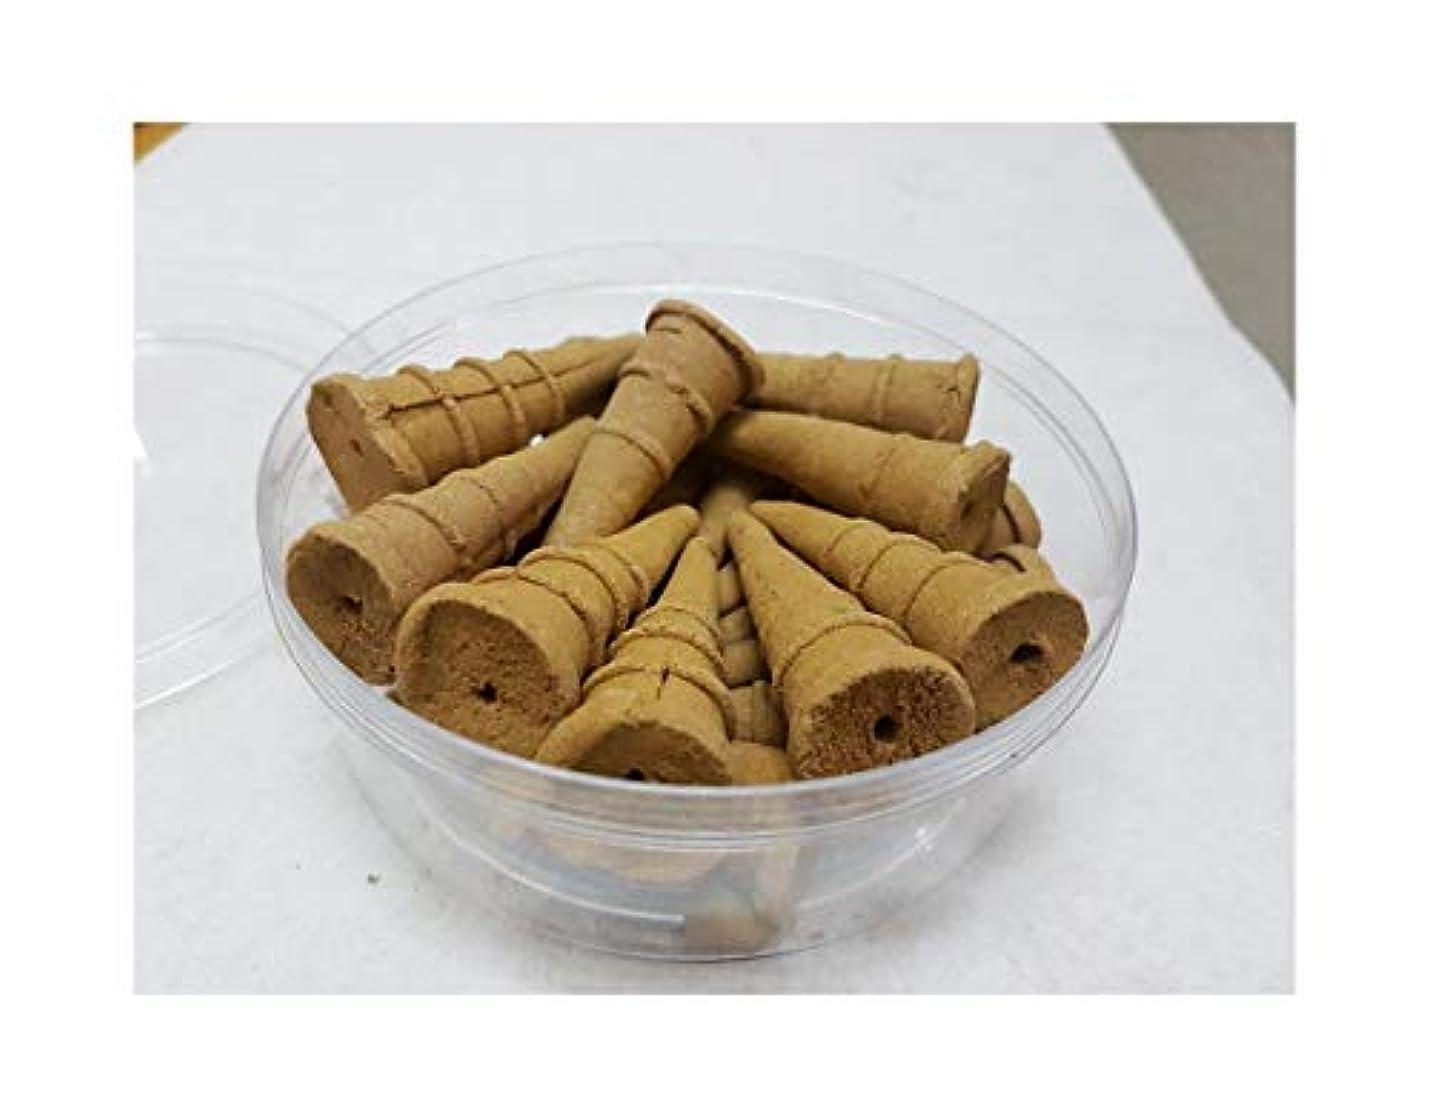 嫌がる死の顎動的5ボックスViet Nam伽羅Aloeswood Incense Cones – 100グラム/ボックス – 20個/ボックス